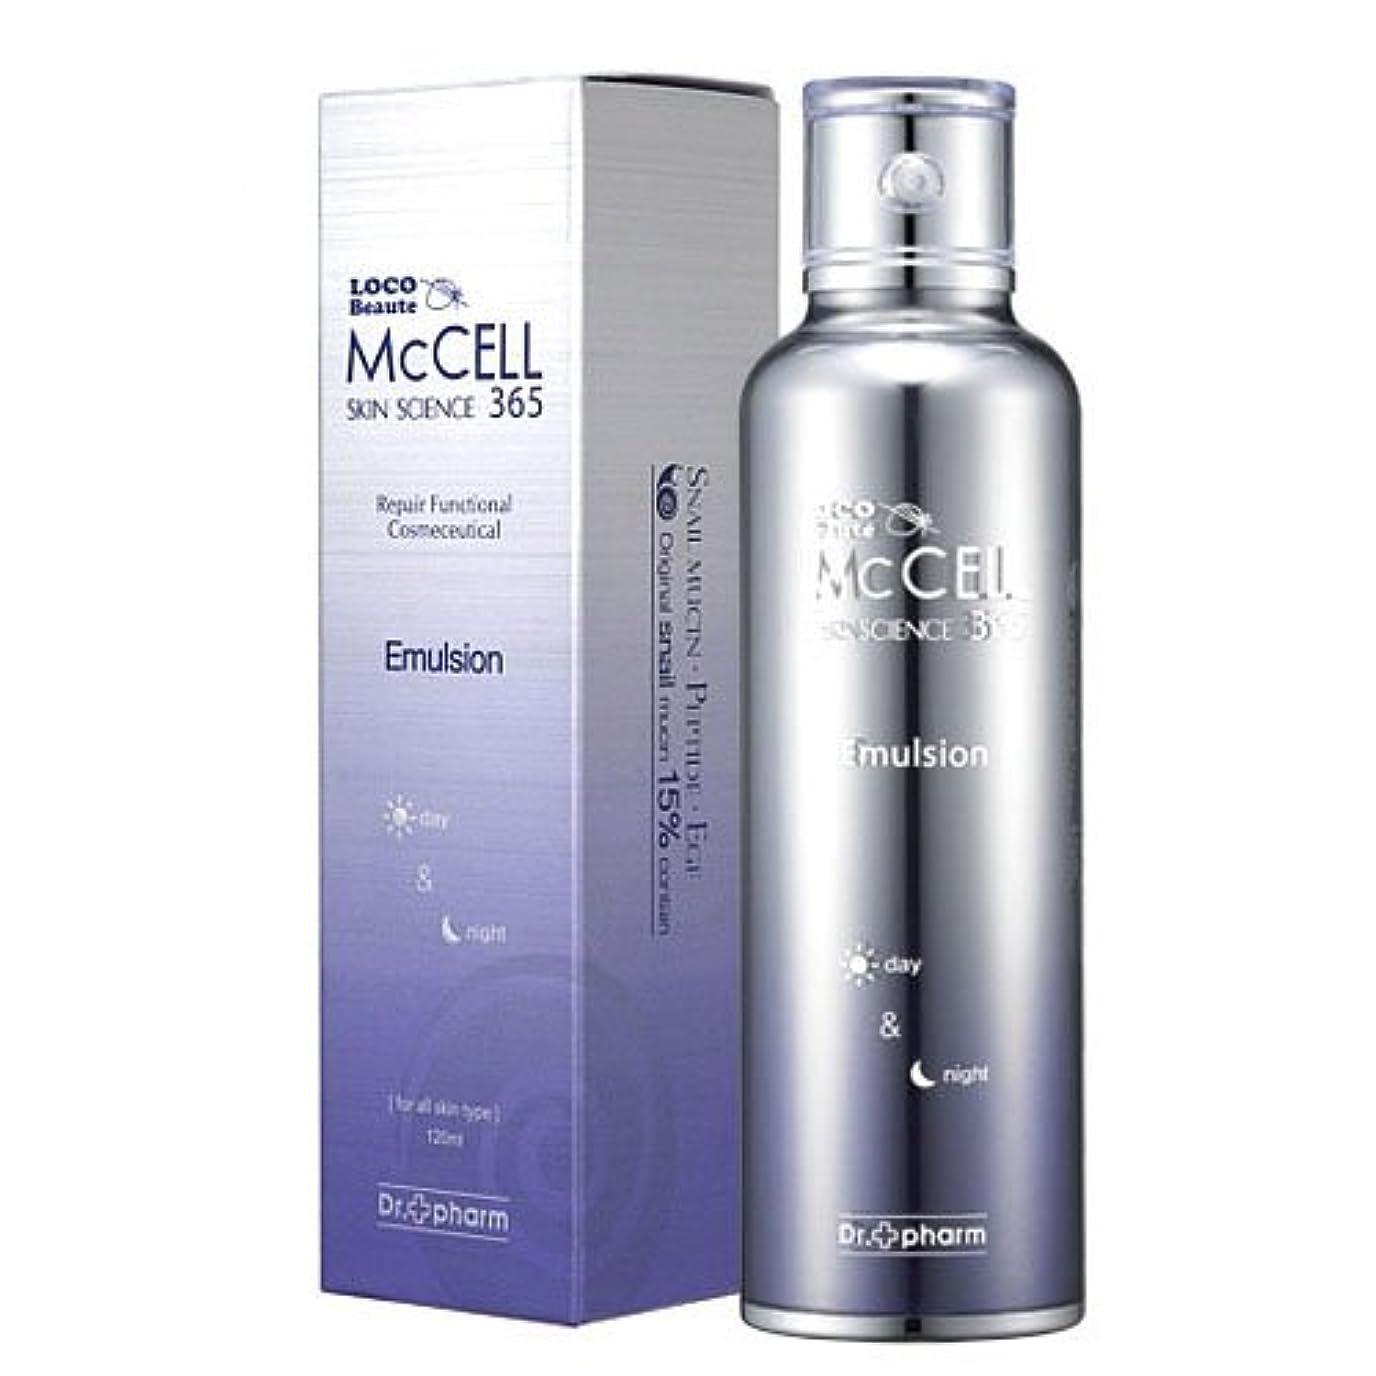 McCELL (マクセル) スキンサイエンス 365 アクア ホワイトニング スネイル エマルジョン 120ml